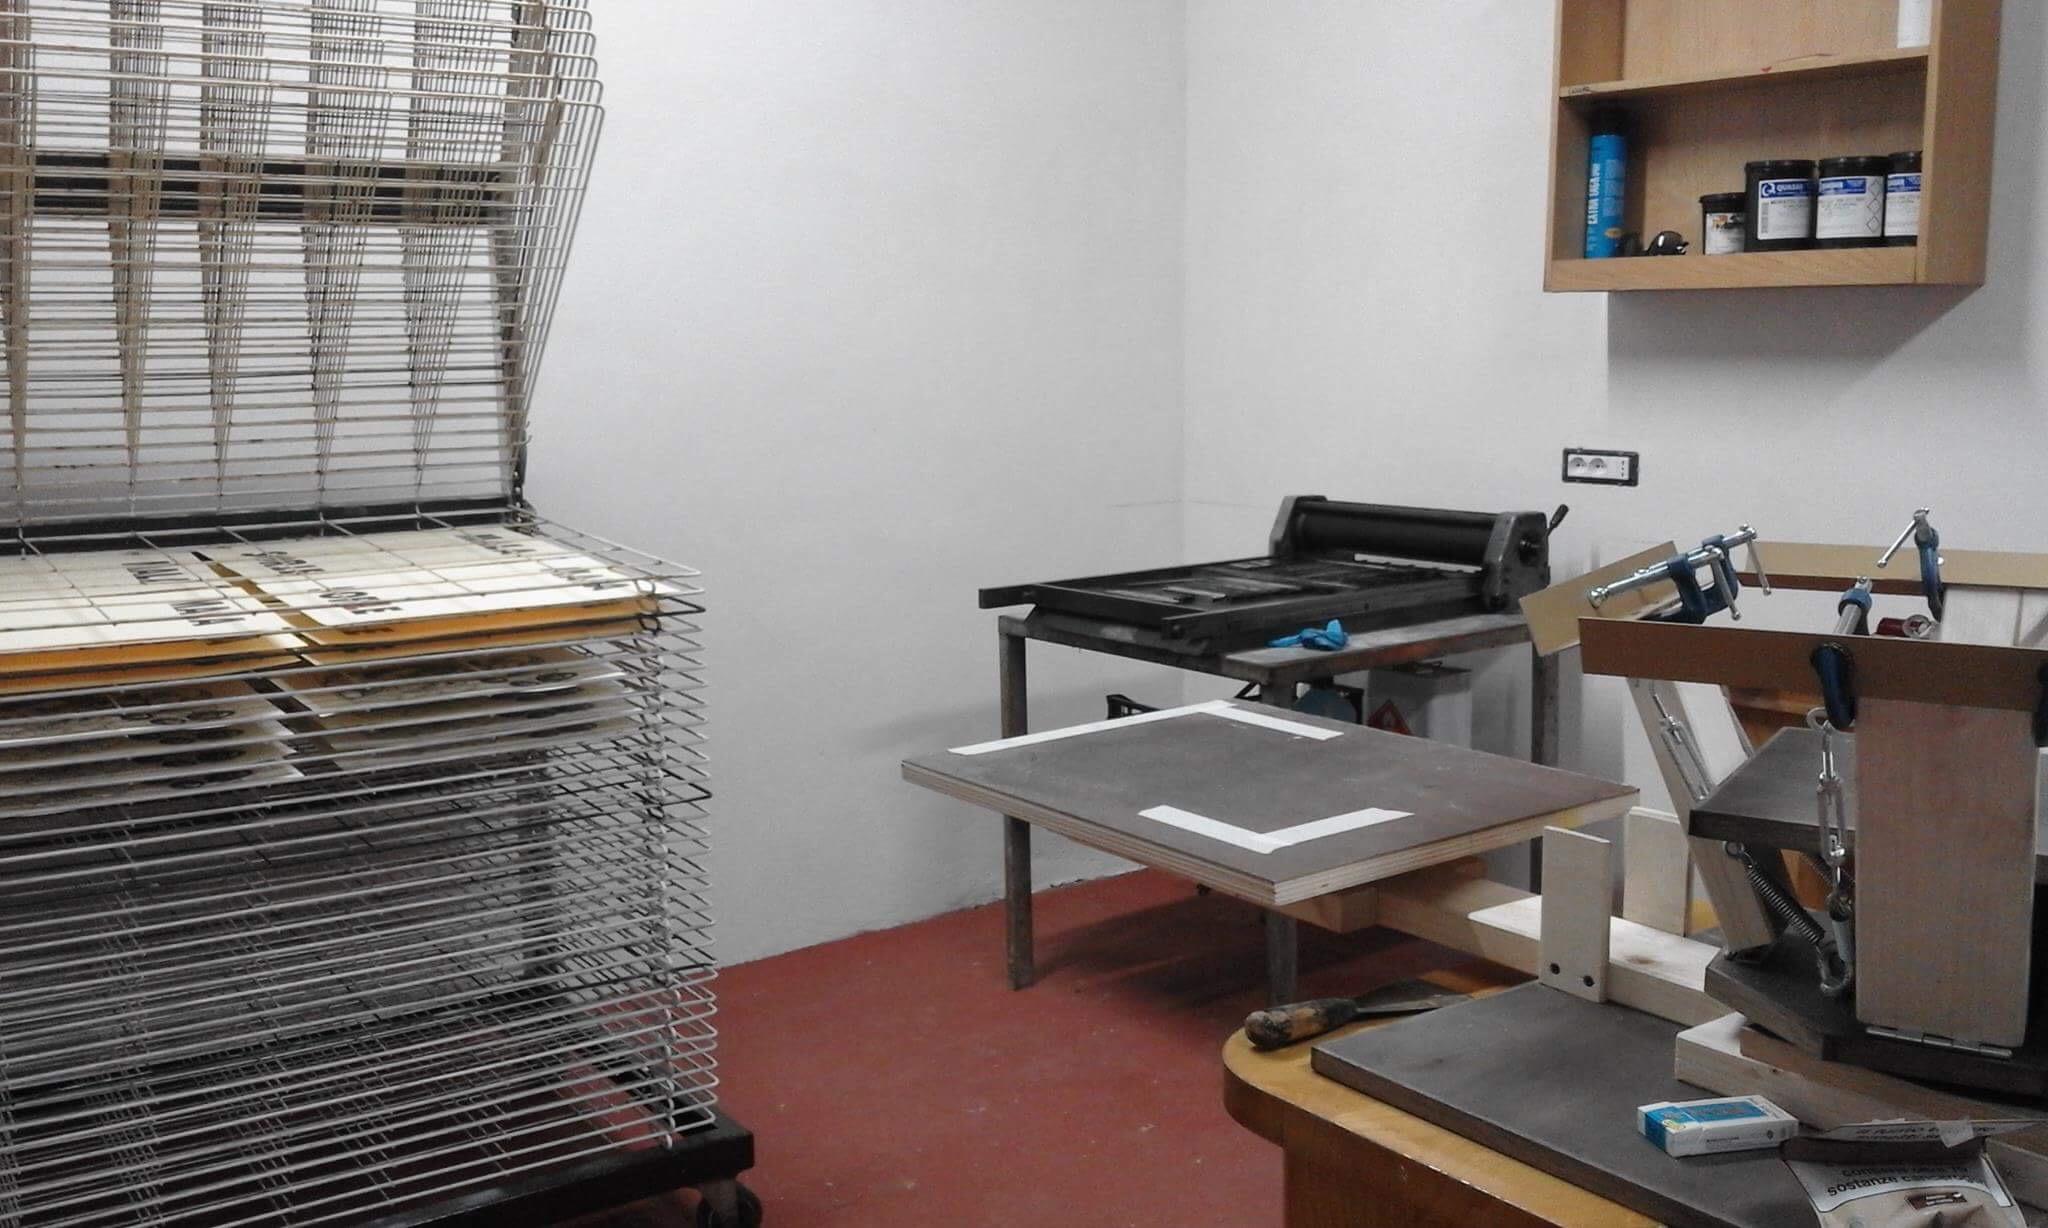 laboratorio progetti letterpress progettazione tipografica serigrafia